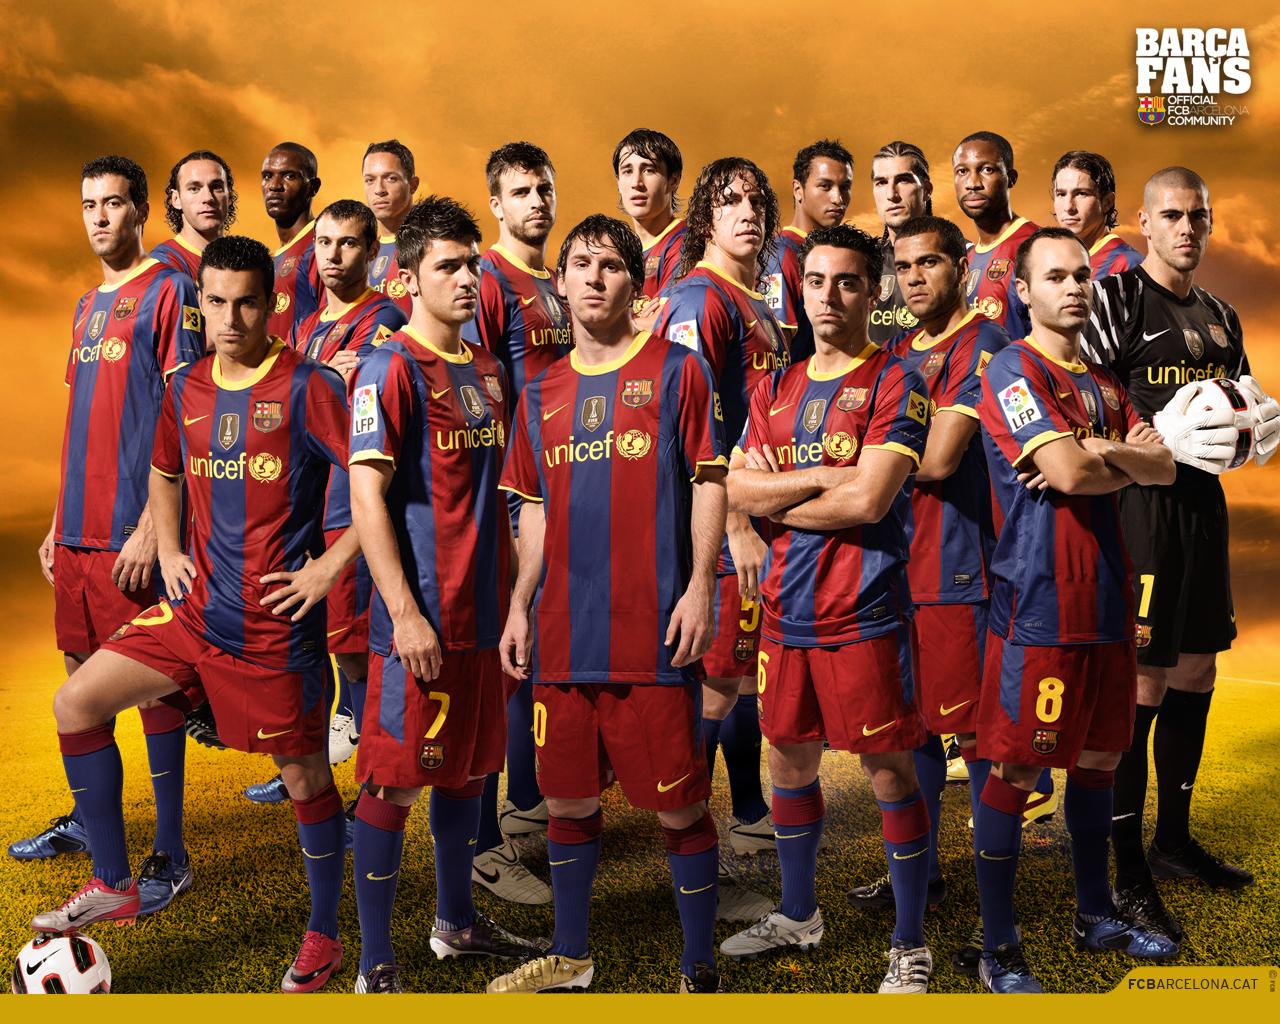 http://3.bp.blogspot.com/-g6E9uGGzYnQ/UA9LHkbKIeI/AAAAAAAACd8/7JuhuZOGEdA/s1600/2012-FC-Barcelona-Wallpaper-HD.jpg